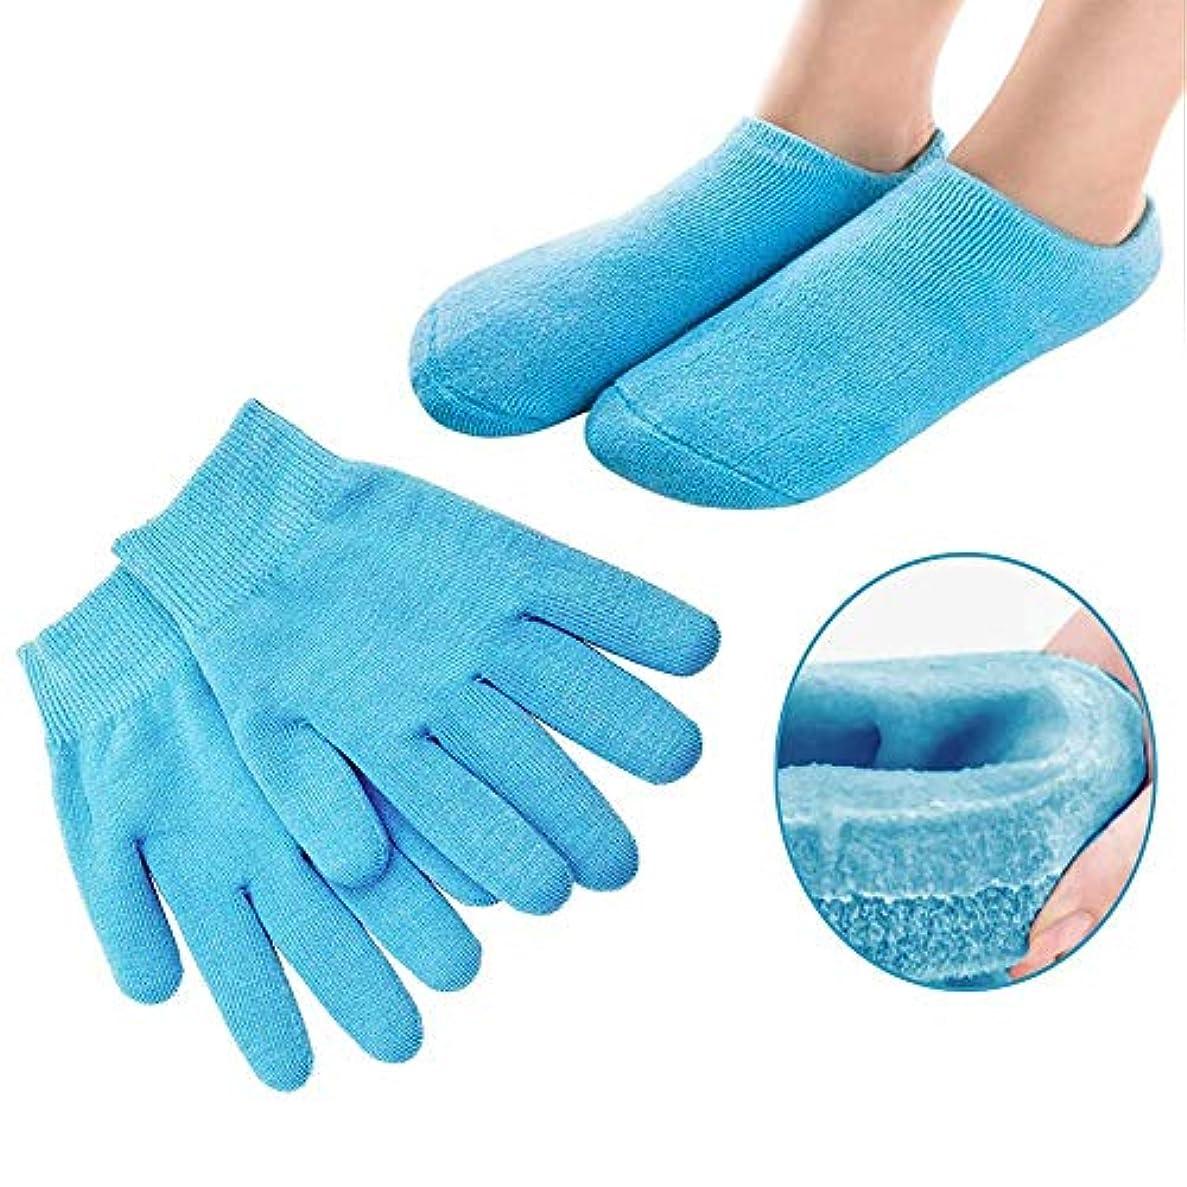 配分ソブリケット火山のPinkiou 眠る森のSPAジェルグローブ+SPAジェルソックス 手アグローブ フットケアソックス 角質取り 保湿 かかとケア オープントゥ 素肌美人 靴下と手袋セット いいお肌になりましょう(ブルー)